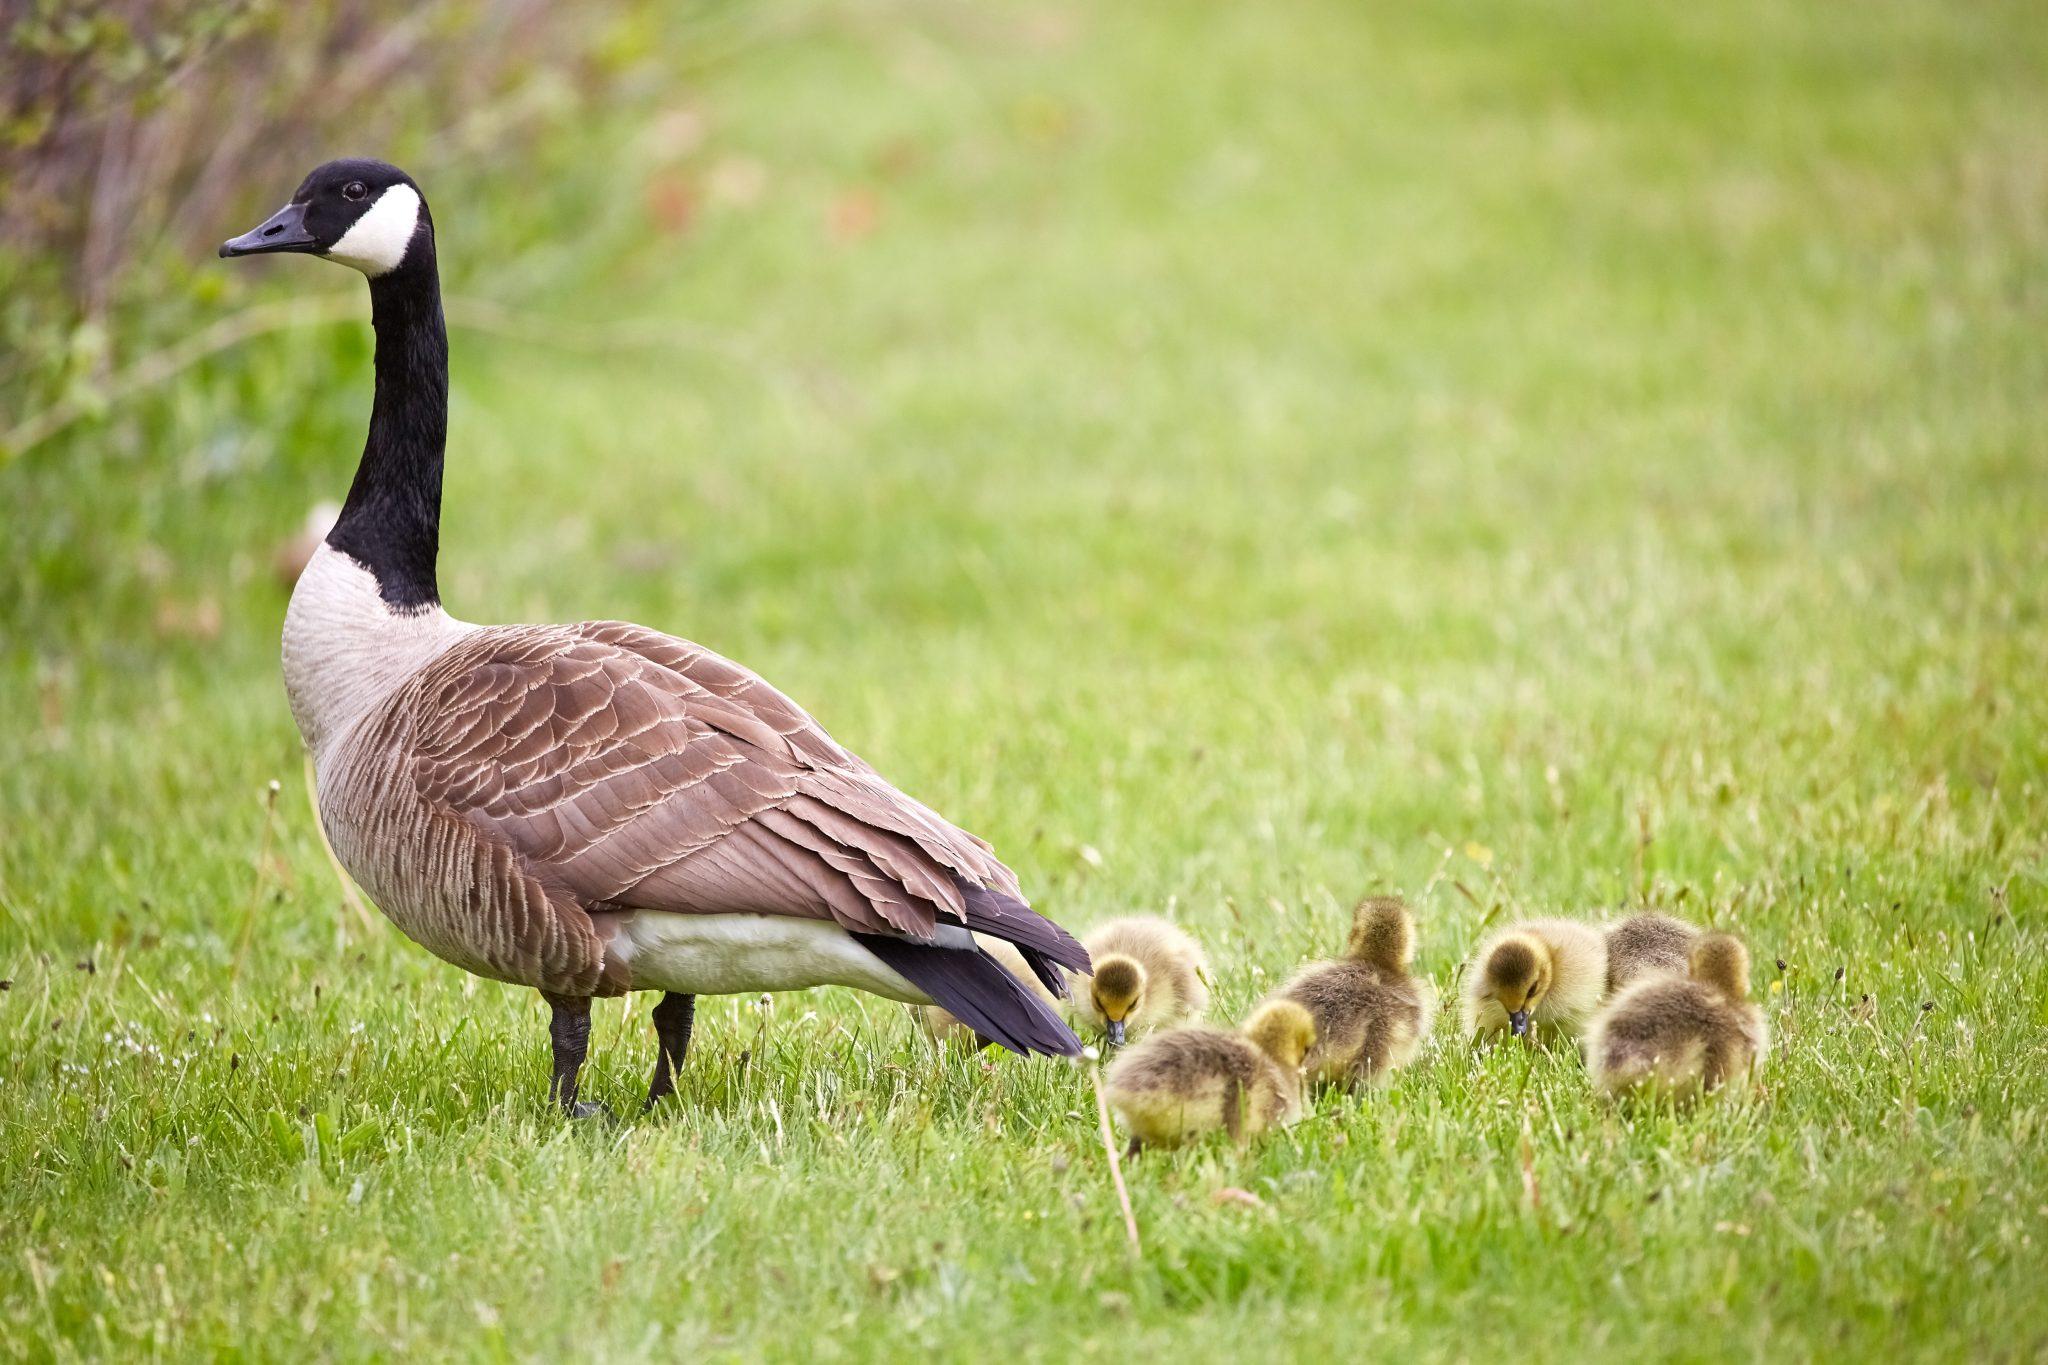 Geese by Mathew Schwartz via Unsplash